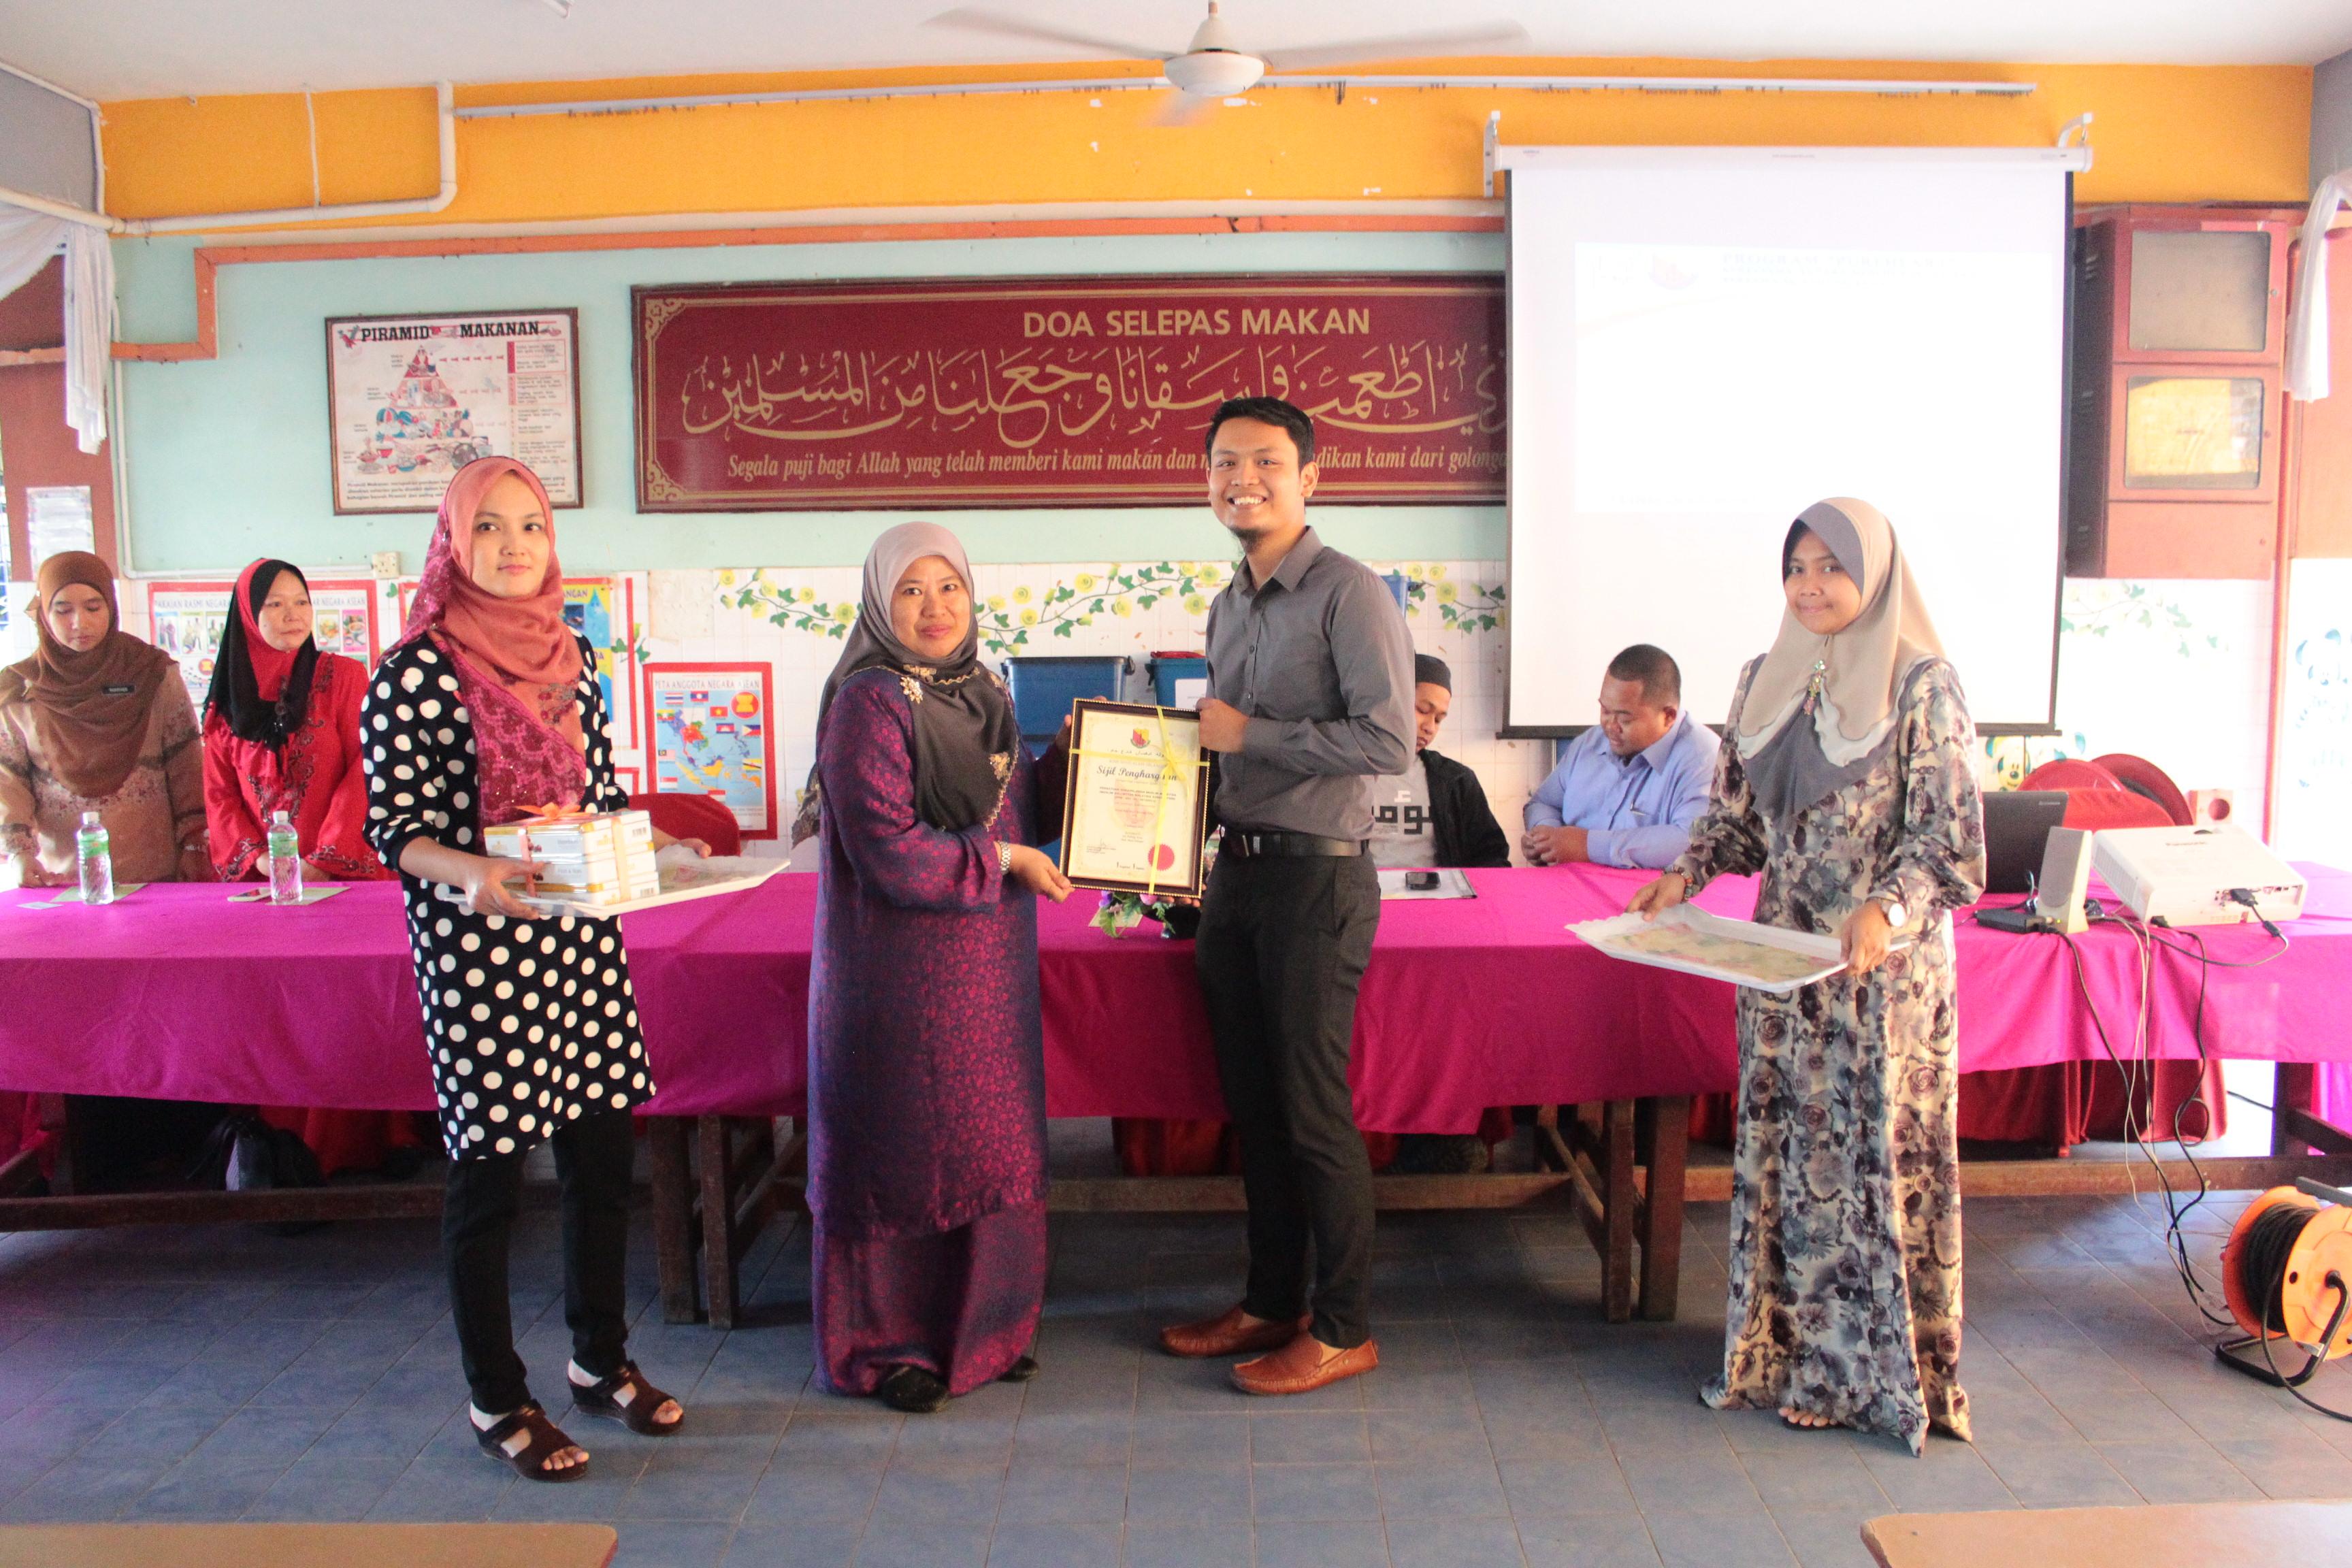 Penghargaan daripada SKPJ kepada Muhammad bin Jantan, Presiden MVM